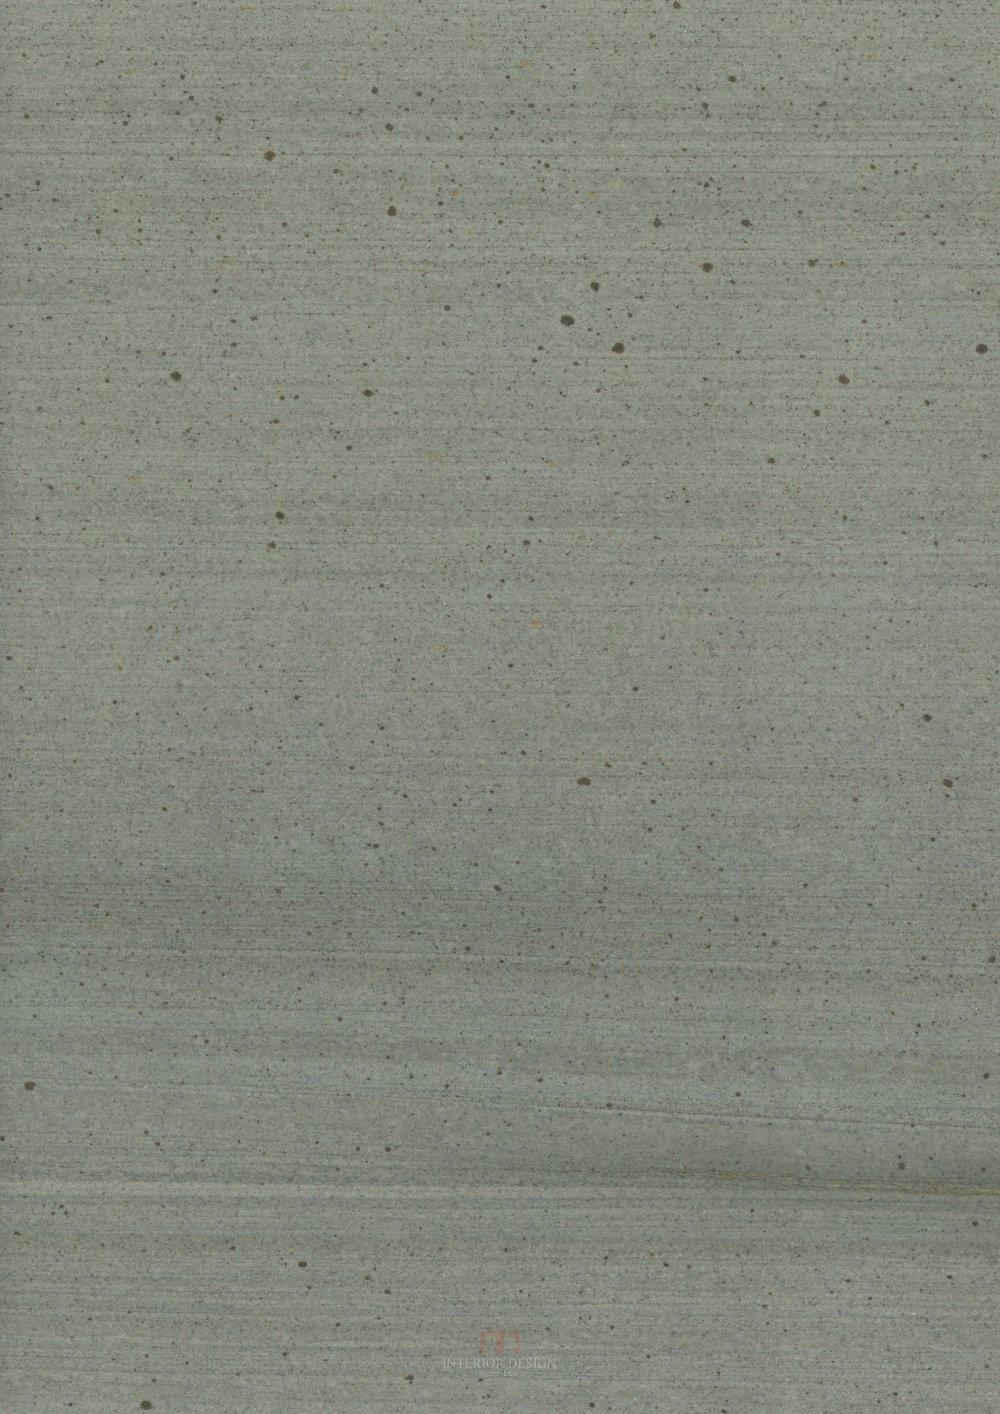 高清大理石_阿根廷木纹(直纹)00003.jpg